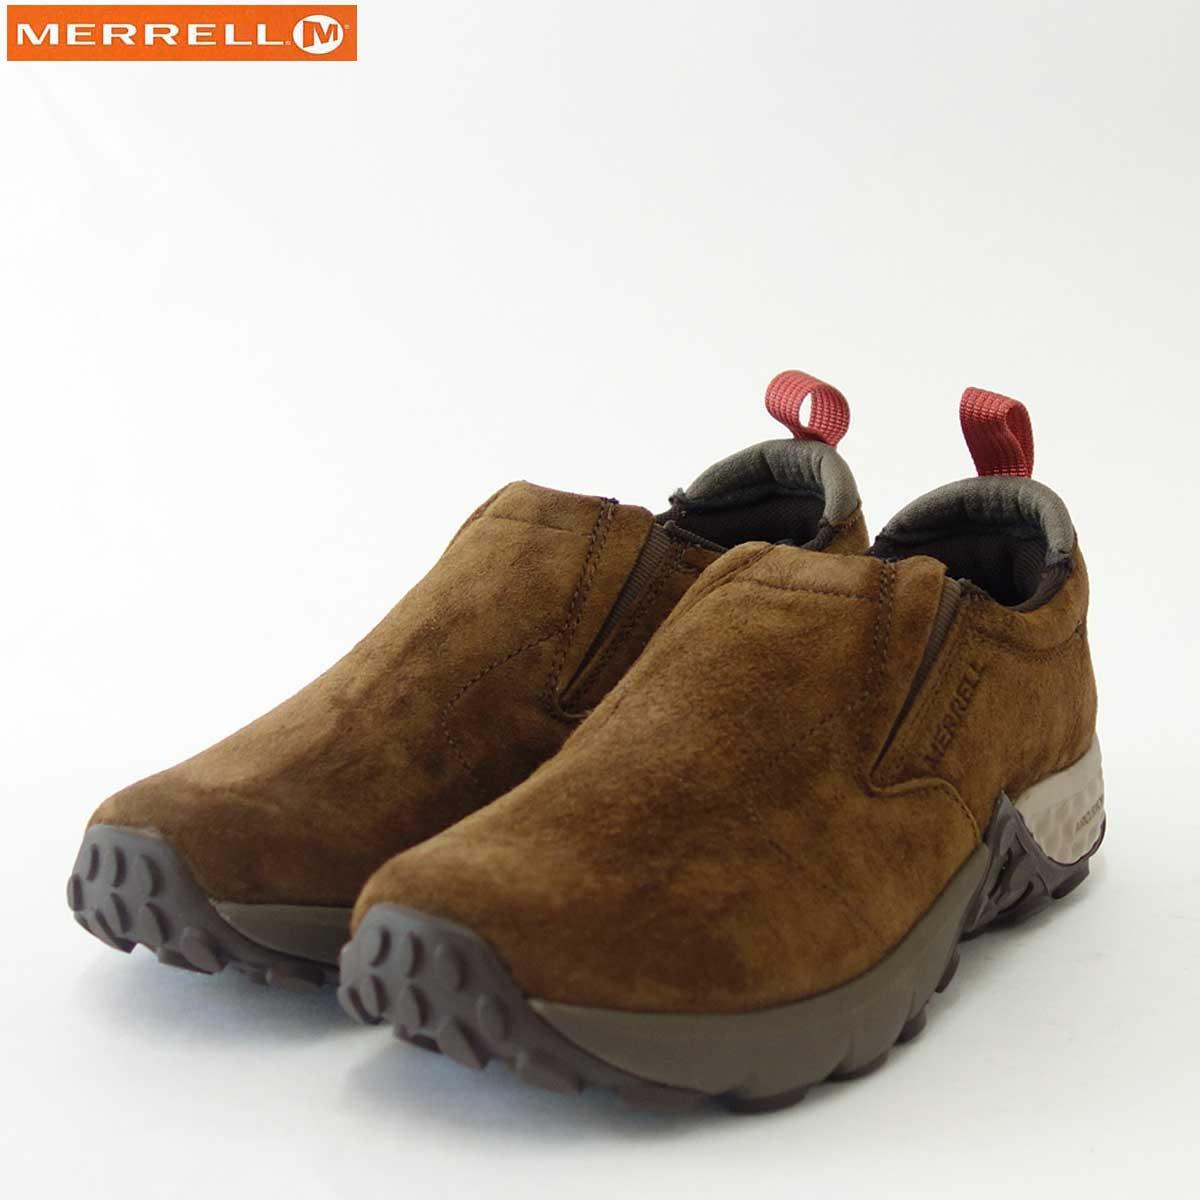 MERRELL メレル JUNGLE MOC AC+ 45748 DARK EARTH(ダークアース)(レディース)ジャングルモック エアークッションプラス「靴」